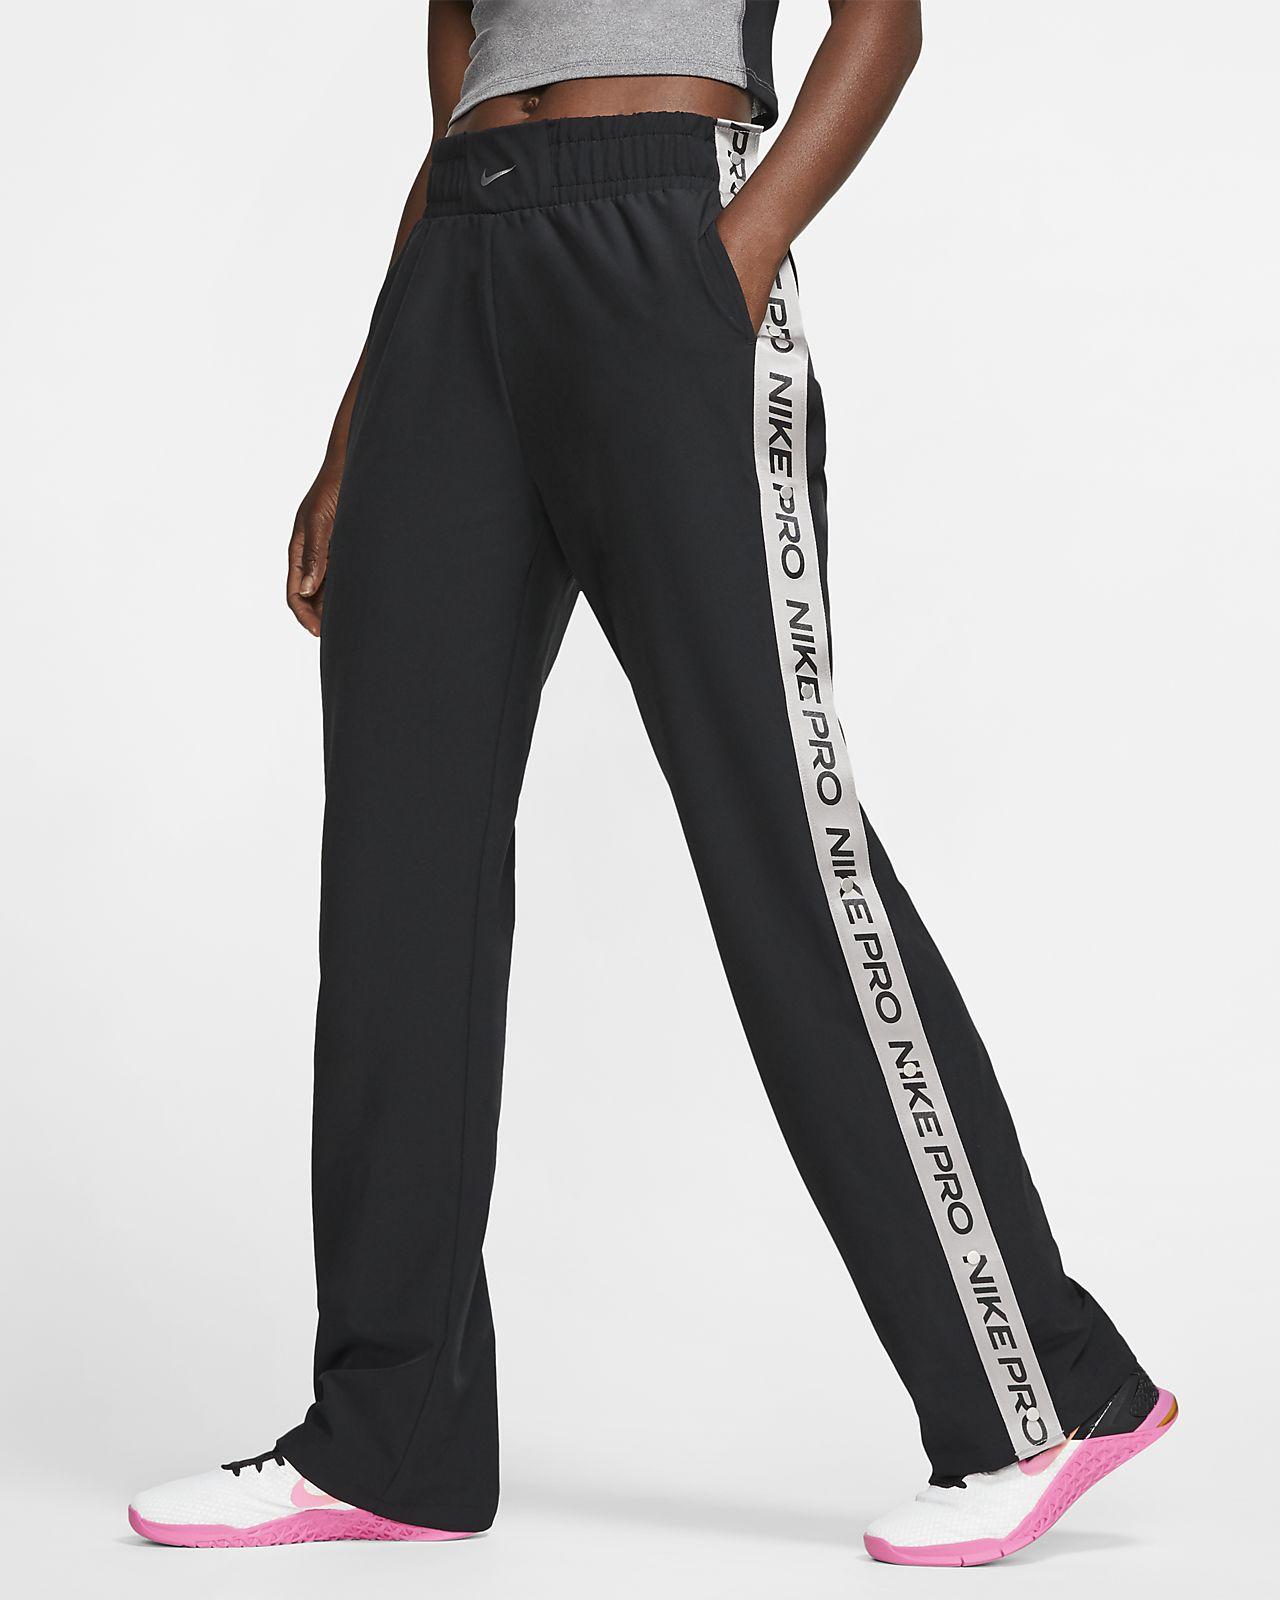 Nike Pro Pantalón con botones a presión - Mujer